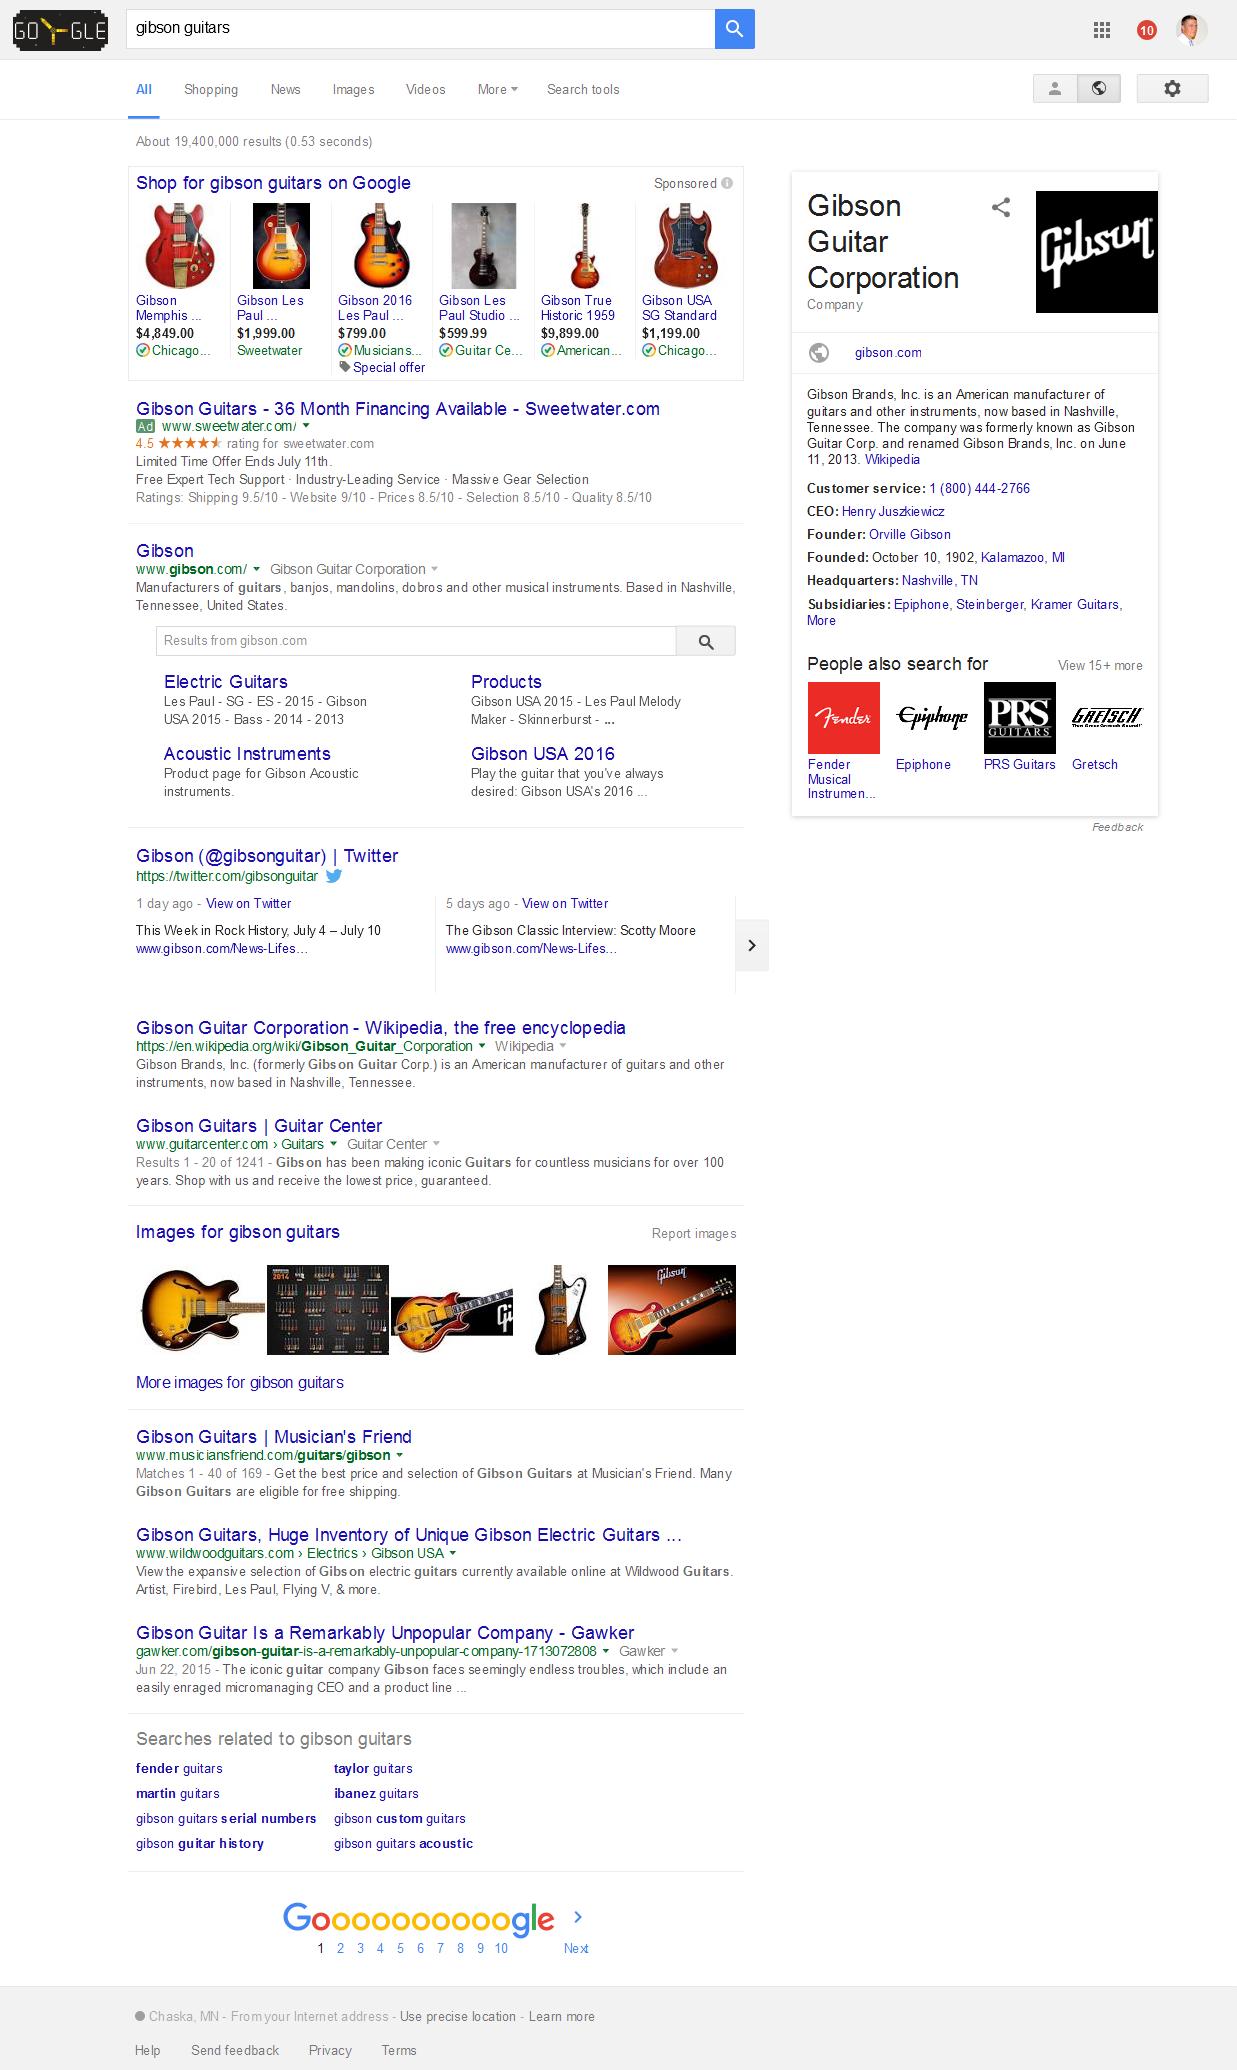 Screenshot - Gibson Guitars - Google SERPS - 2016-07-05